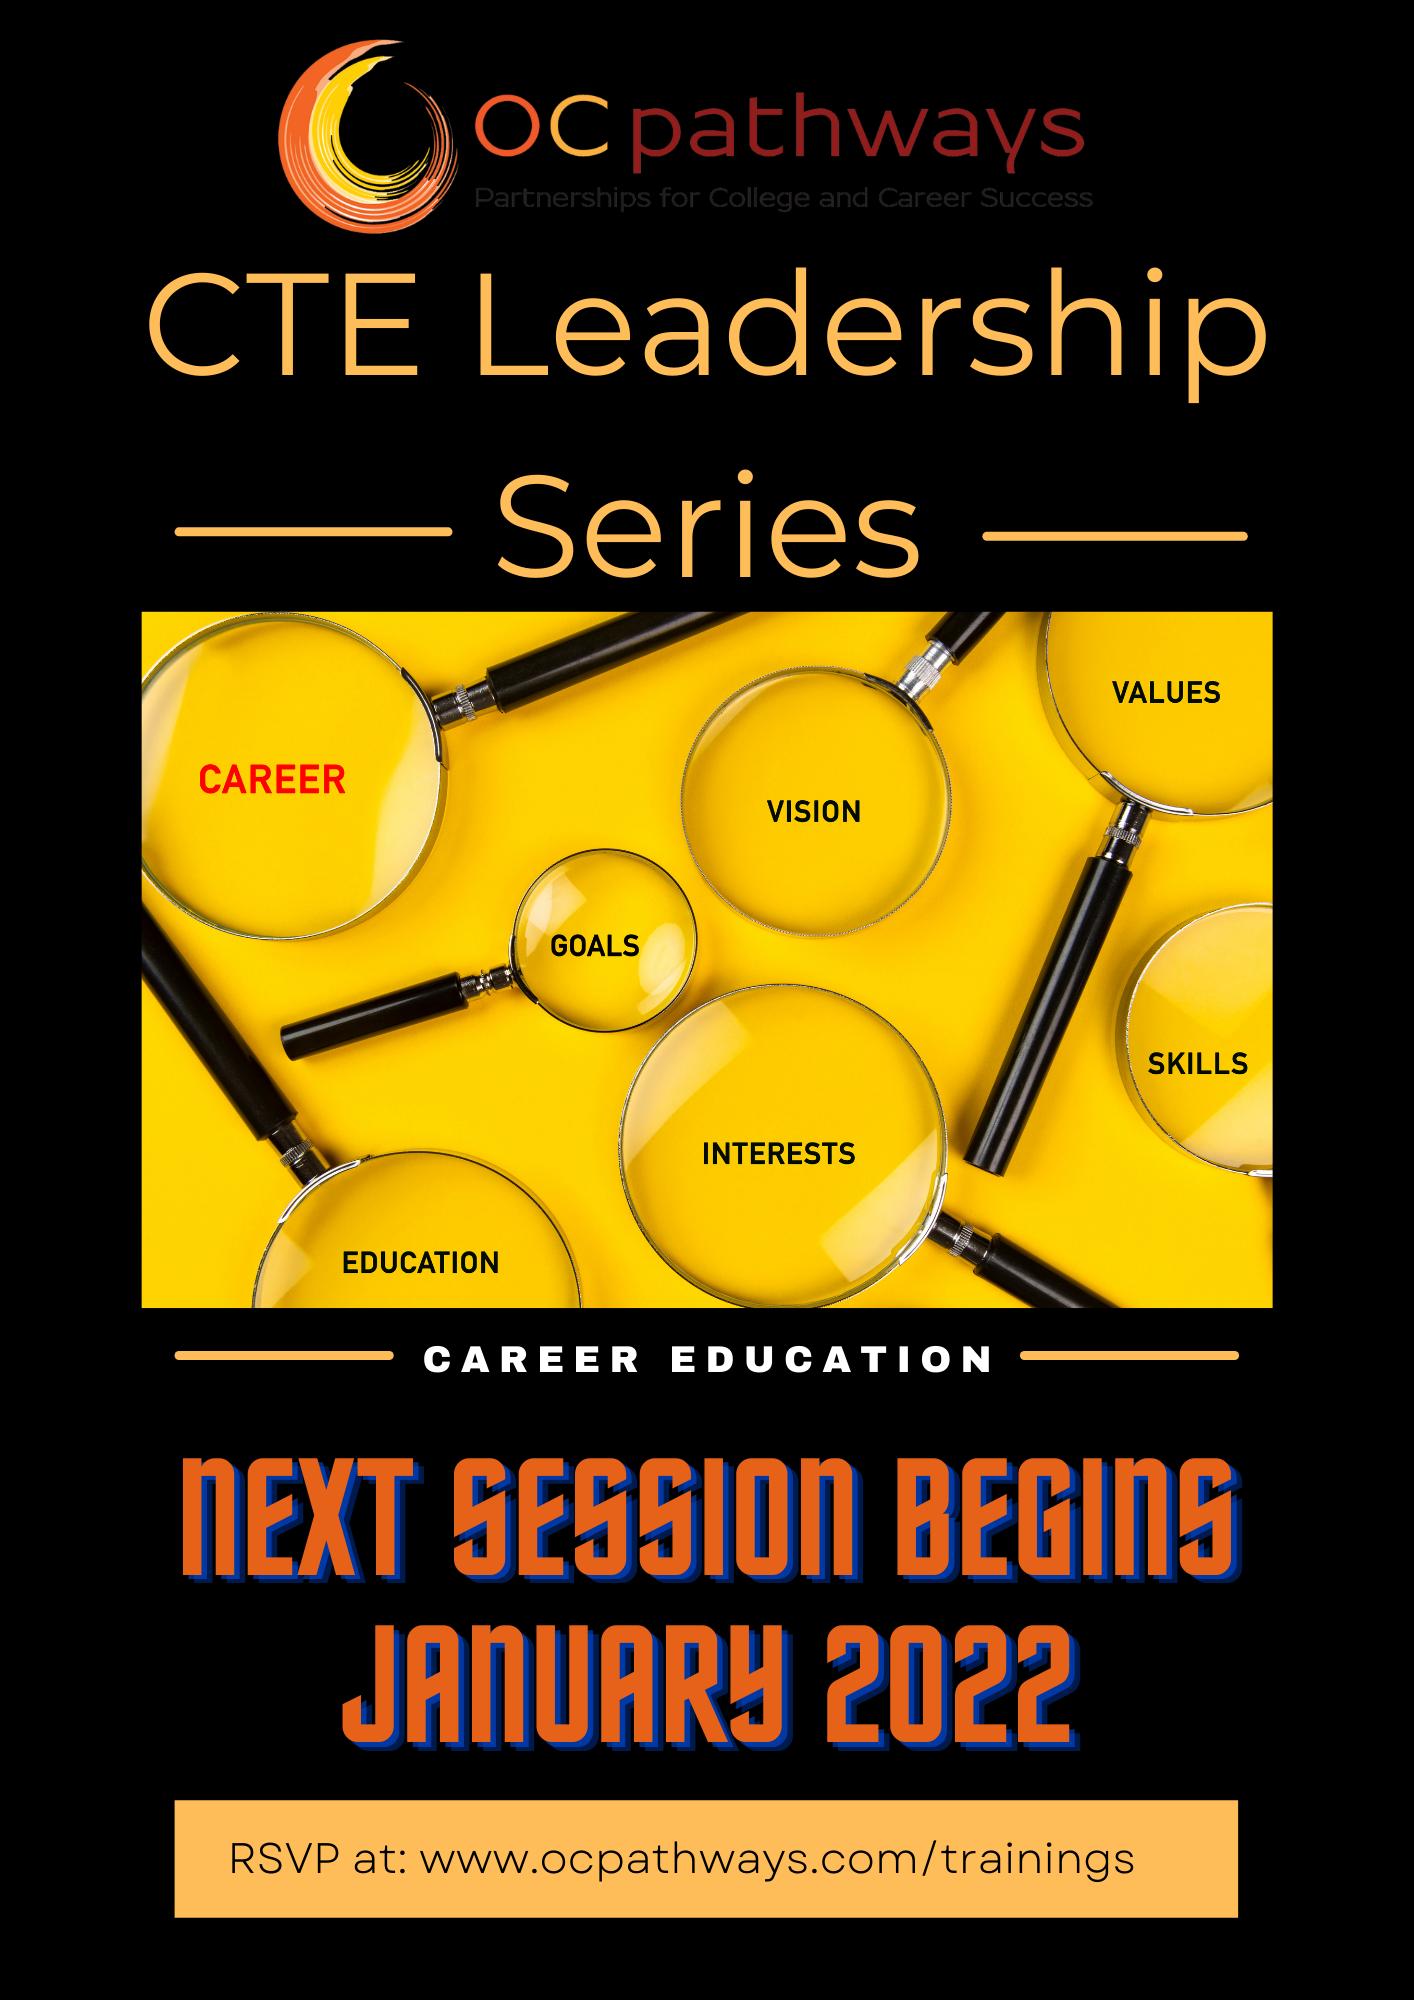 CTE Leadership Series